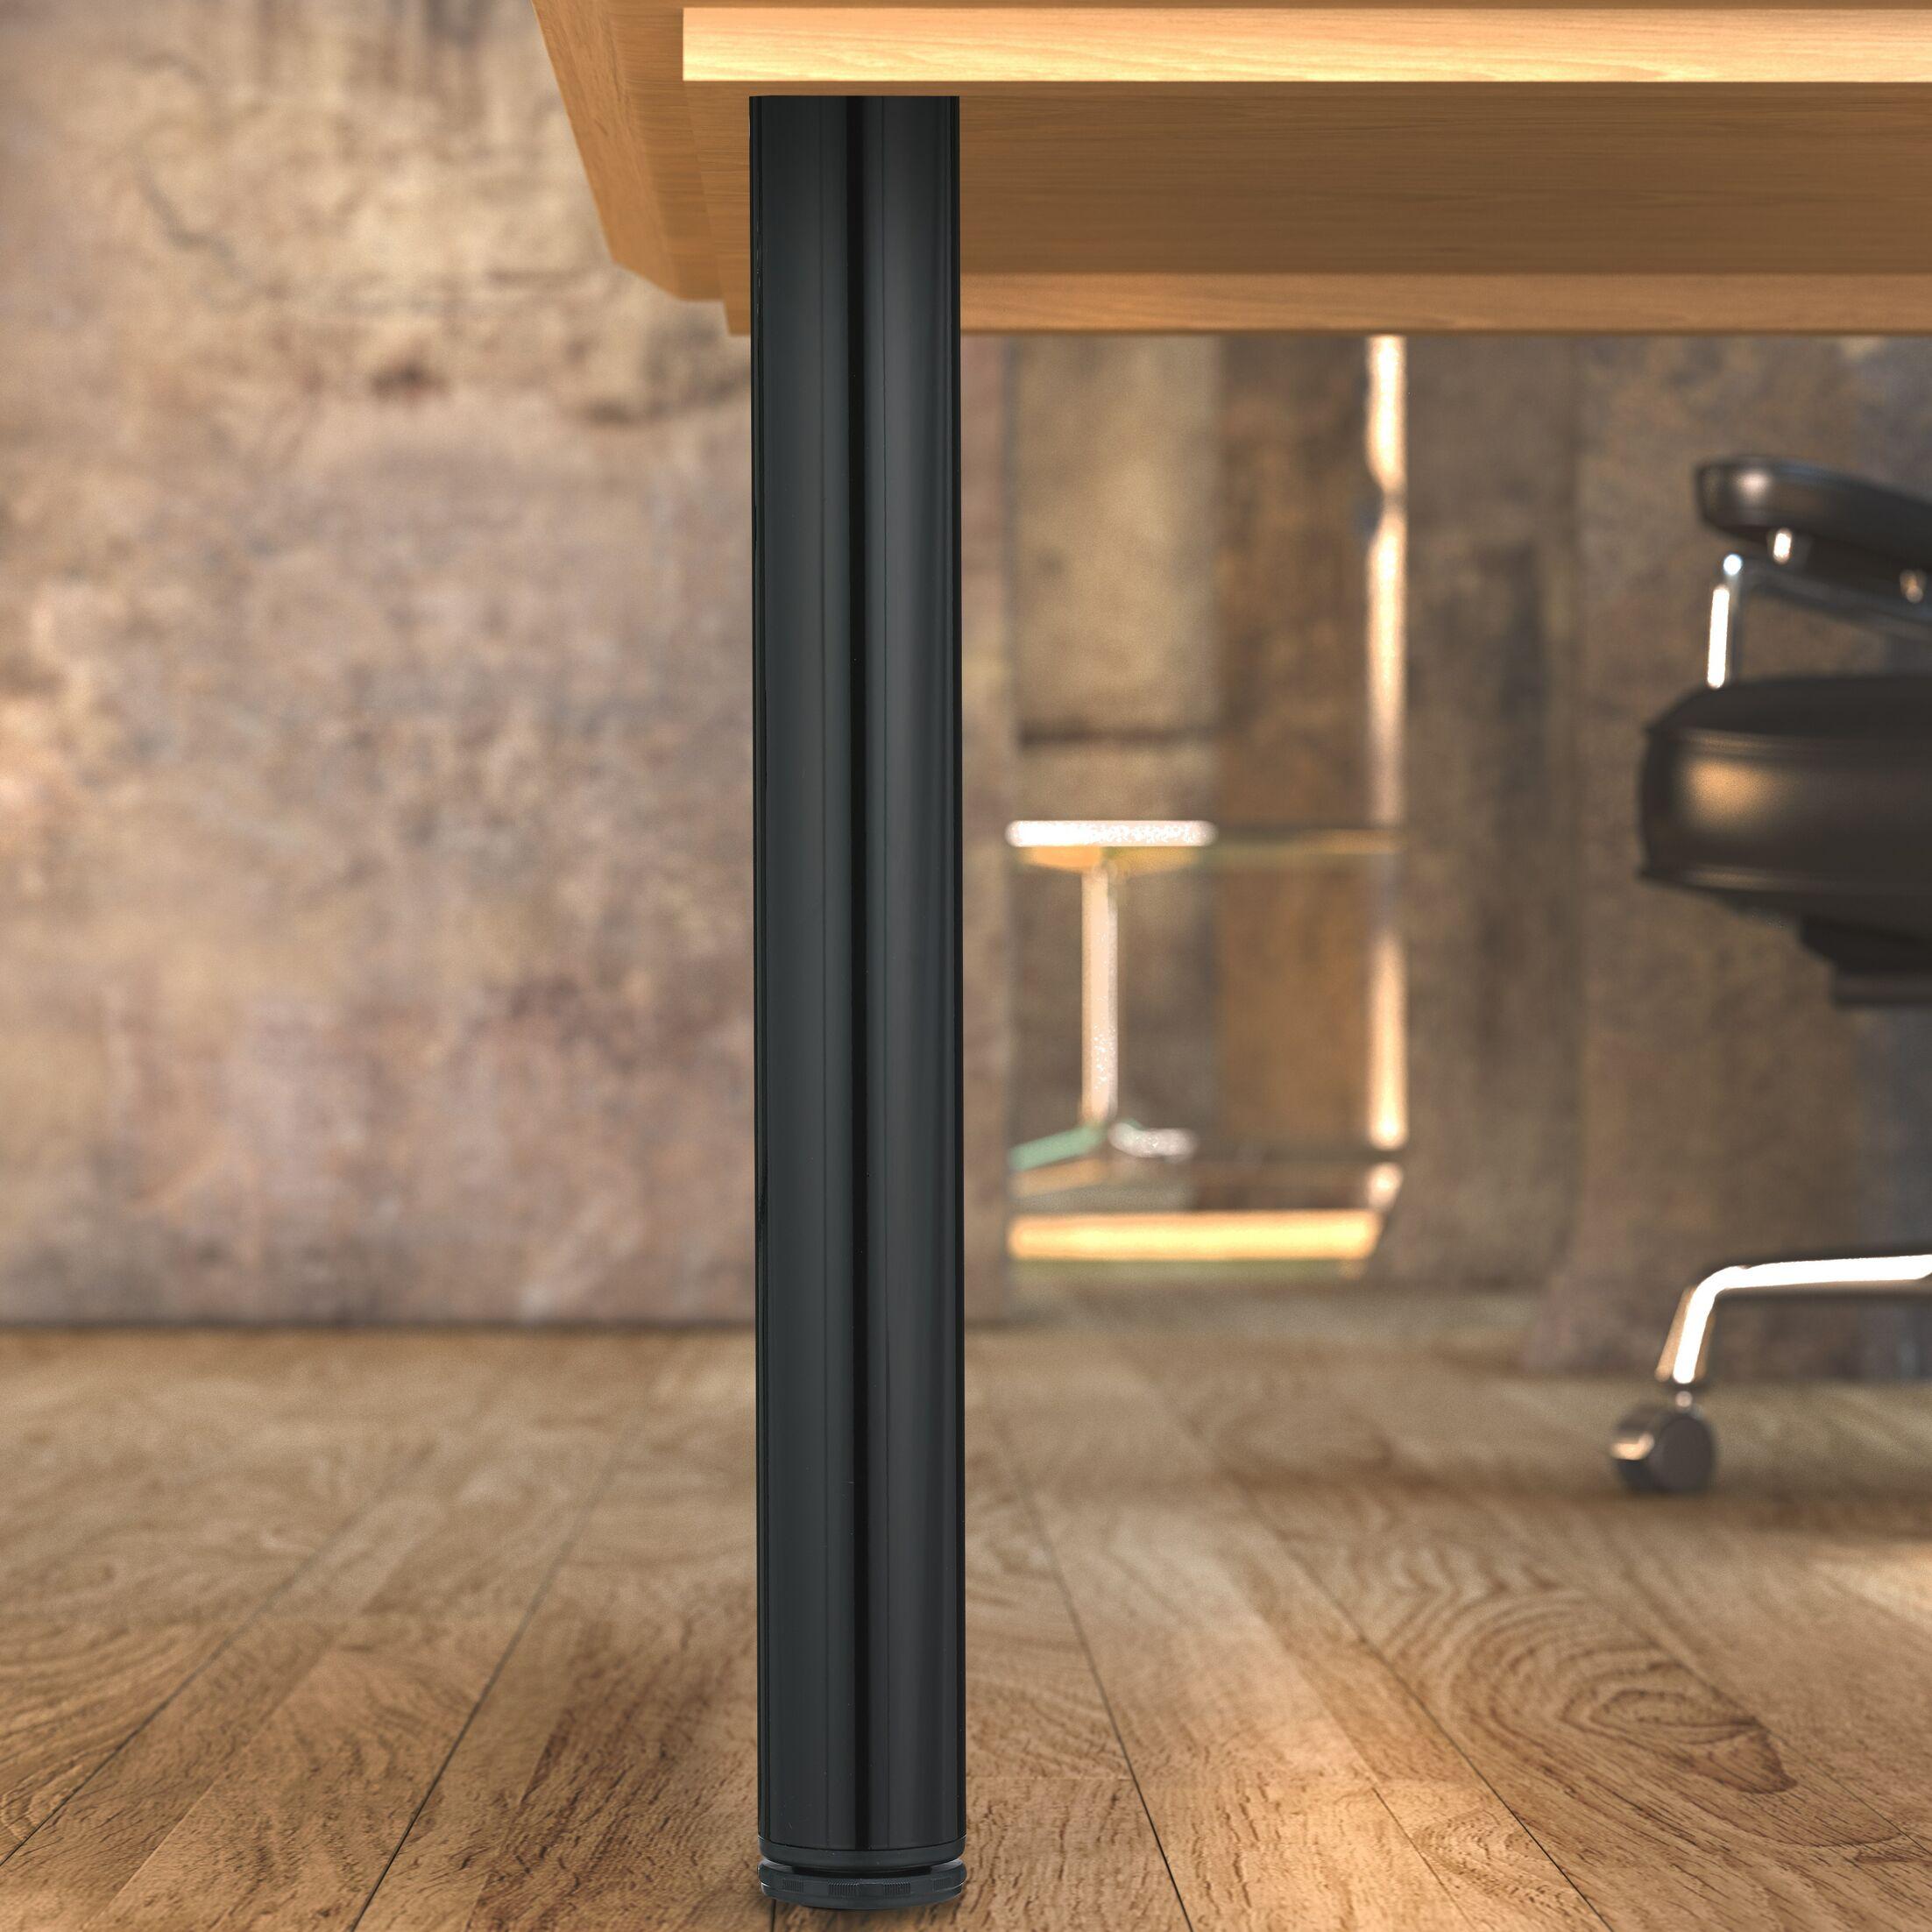 Adjustable Table Leg Finish: Black